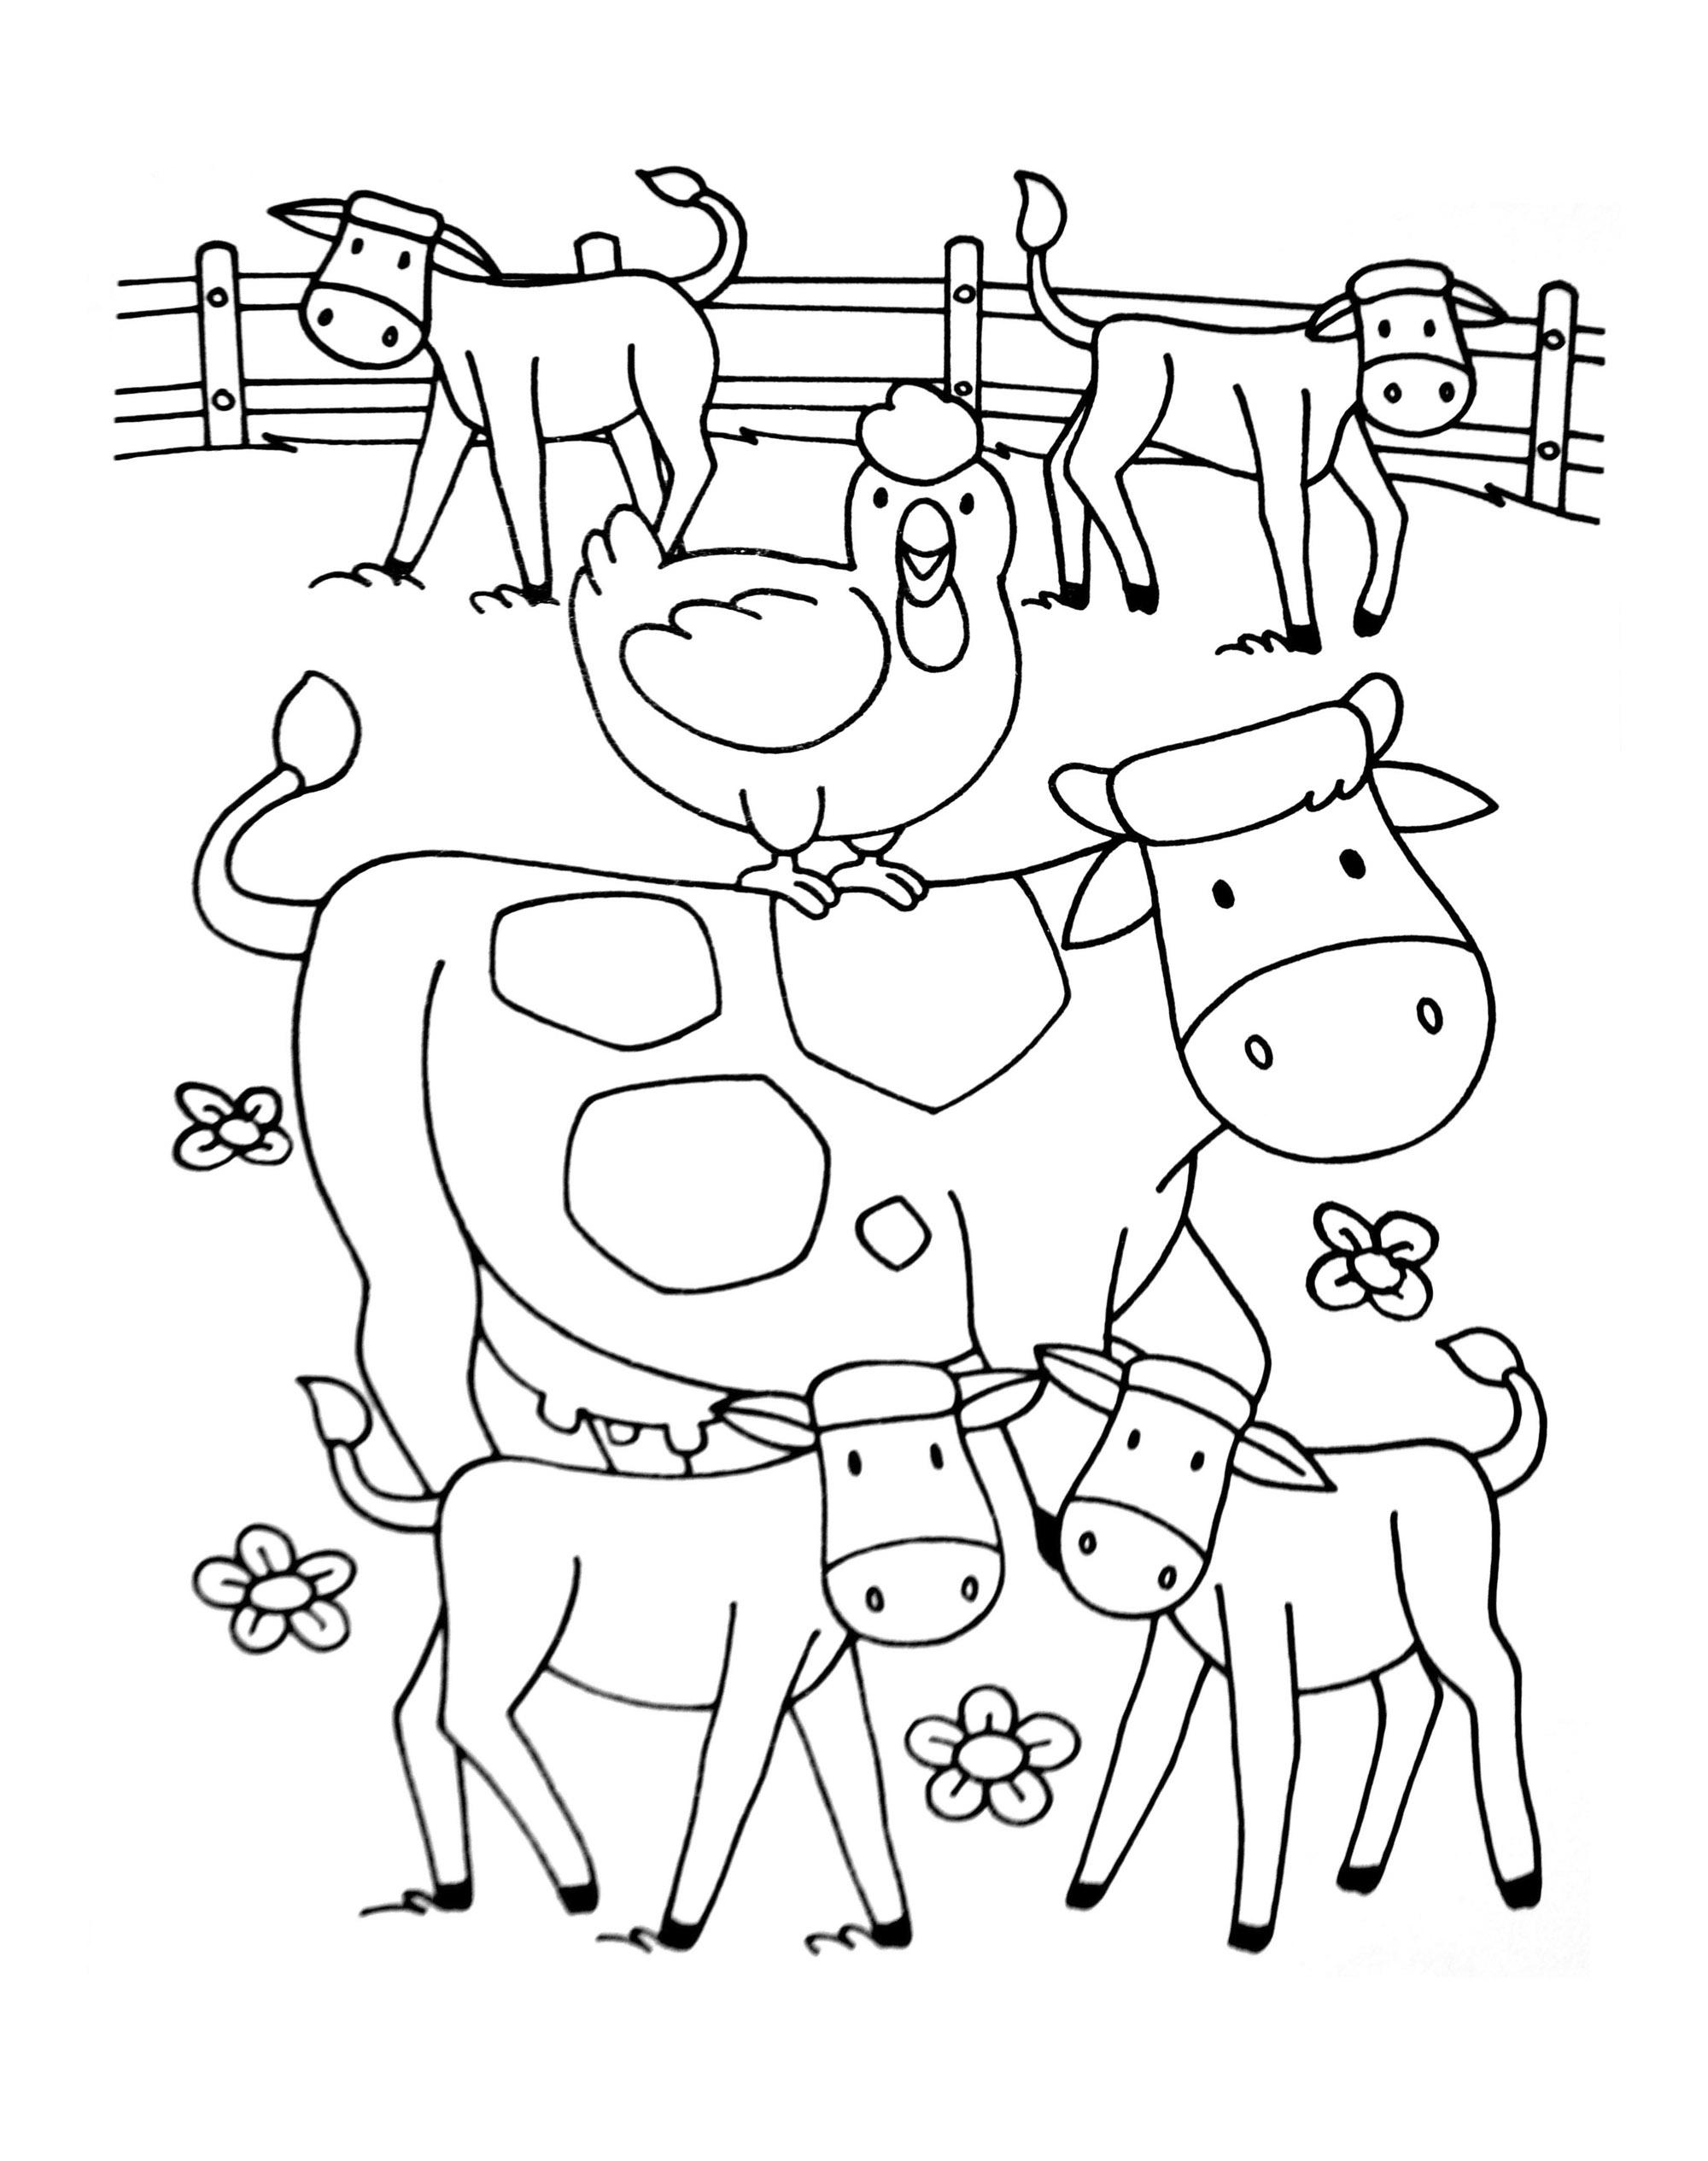 Coloriage Sur La Ferme (Tracteurs, Fermier, Animaux destiné Dessin Animaux De La Ferme À Imprimer